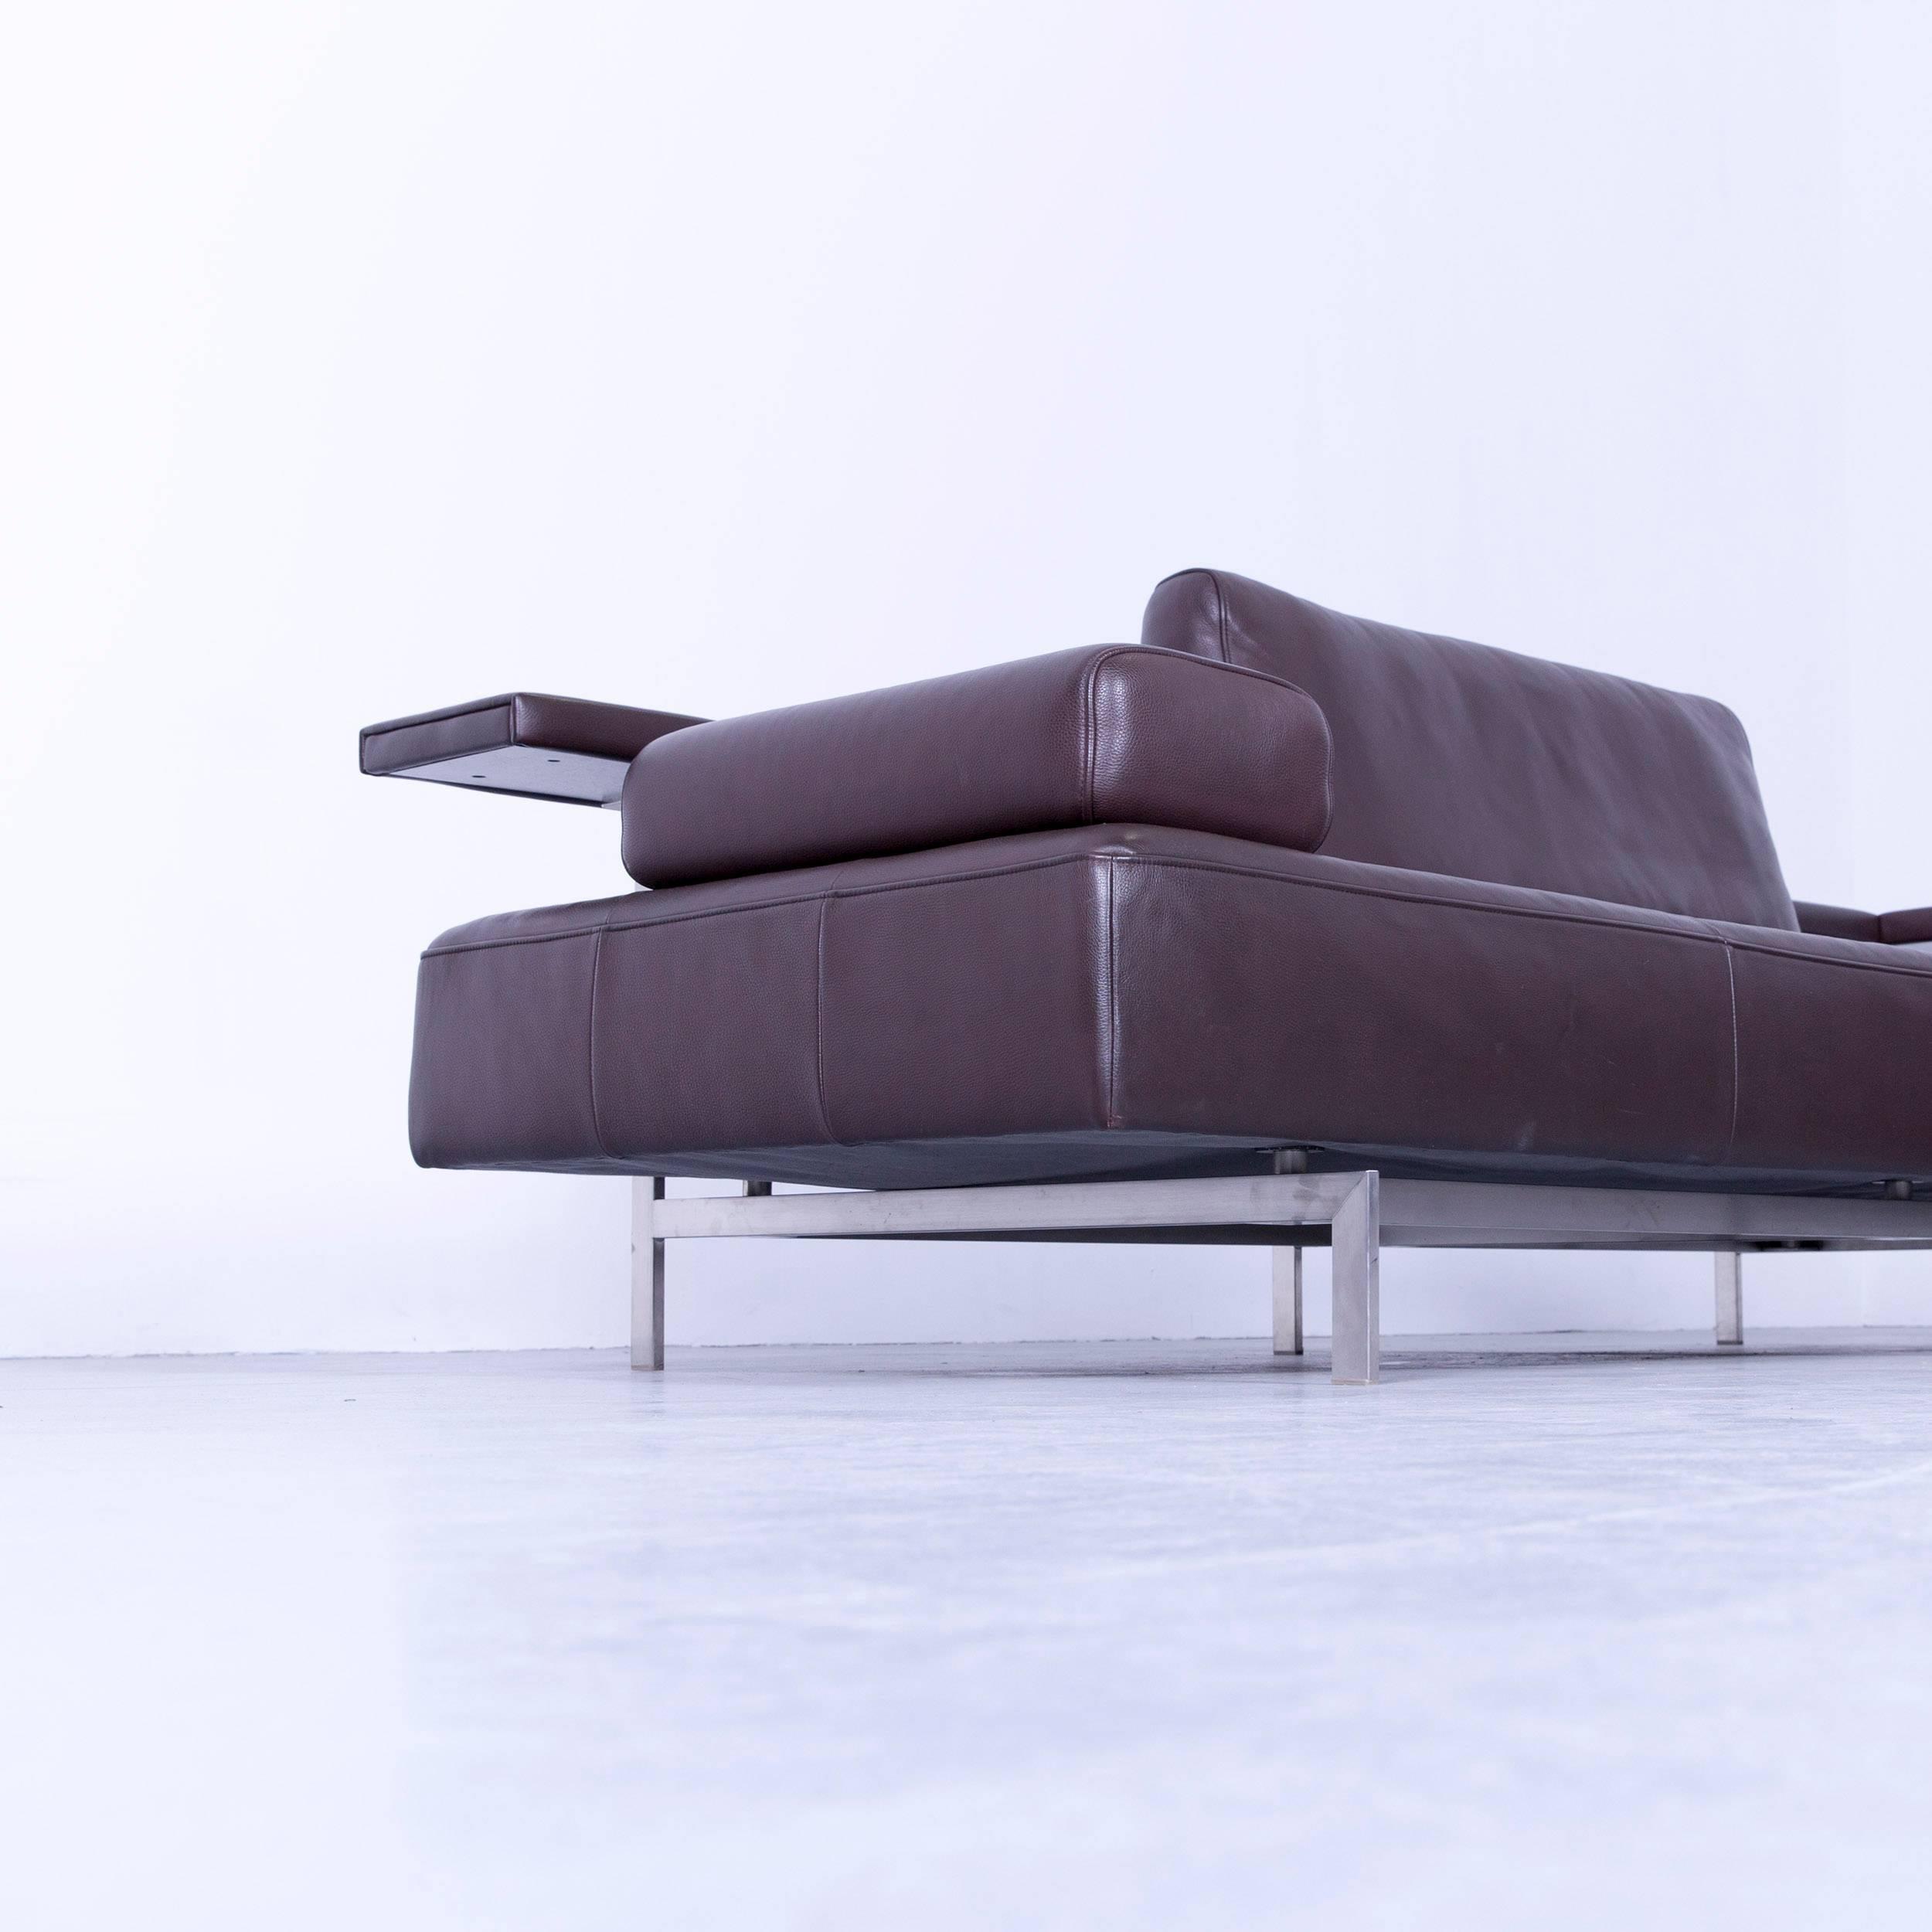 Außergewöhnlich Sofa Und Sessel Foto Von Dono Modular Rolf Benz. Modren Affordable Rolf